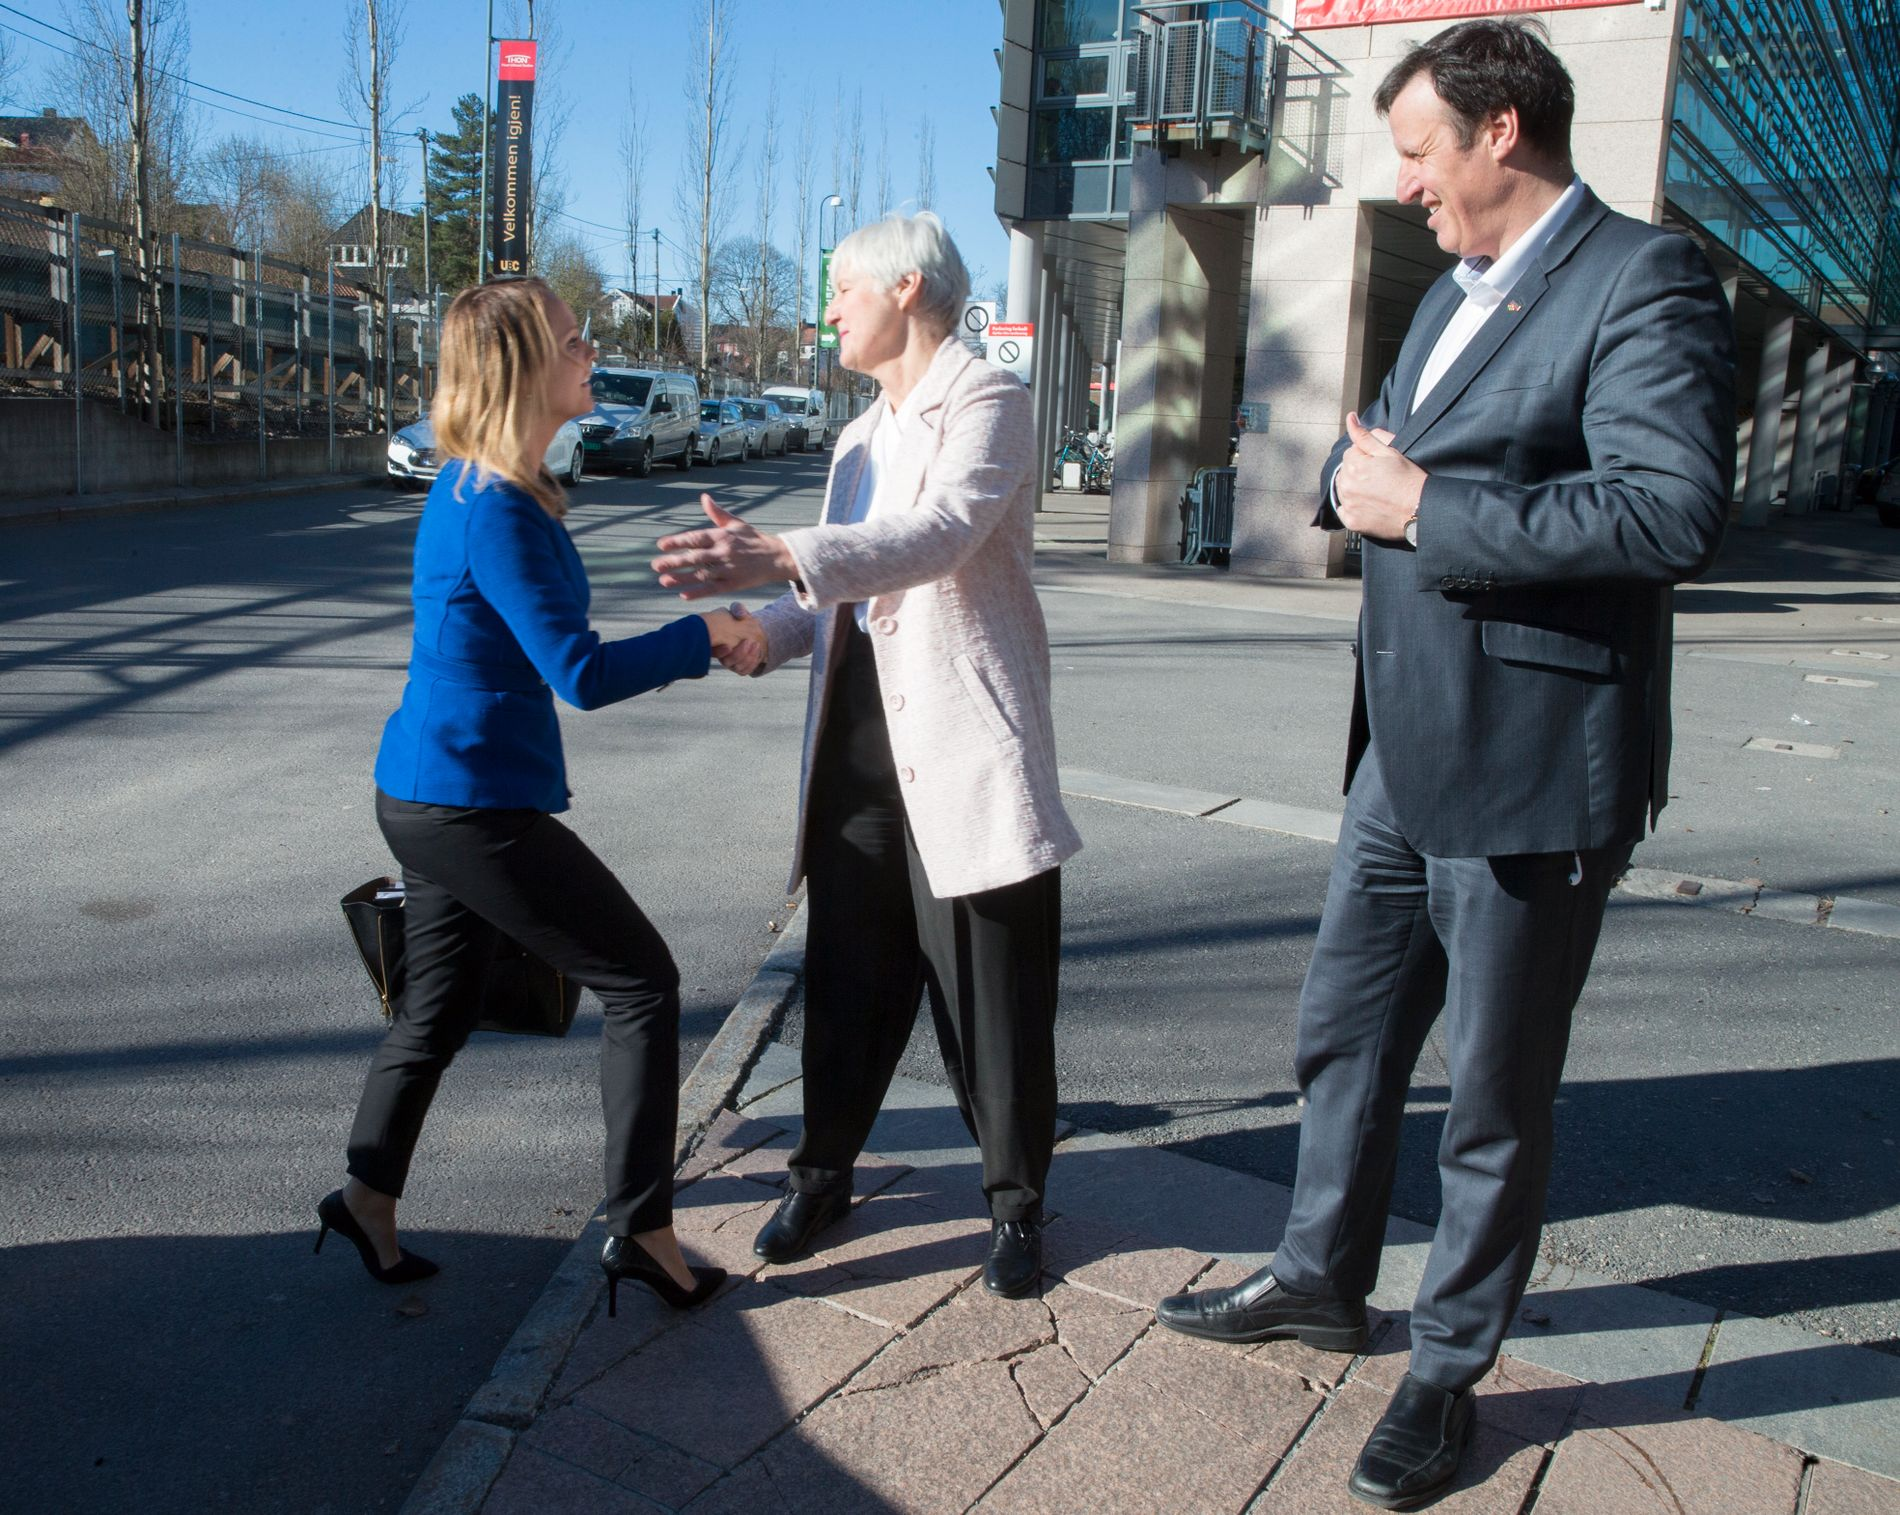 HUND OG KATT: Tonen mellom kulturminister Linda Hofstad Helleland (H, til venstre) og idrettspresident Tom Tvedt (til høyre) er alt annet enn gemyttlig. Her er de sammen med antidopingsjef Valgerd Svarstad Haugland under et seminar i Oslo i 2016. Haugland var kulturminister da Kjell O. Kran i 2004 måtte gå av som følge av blodrøde NIF-tall.